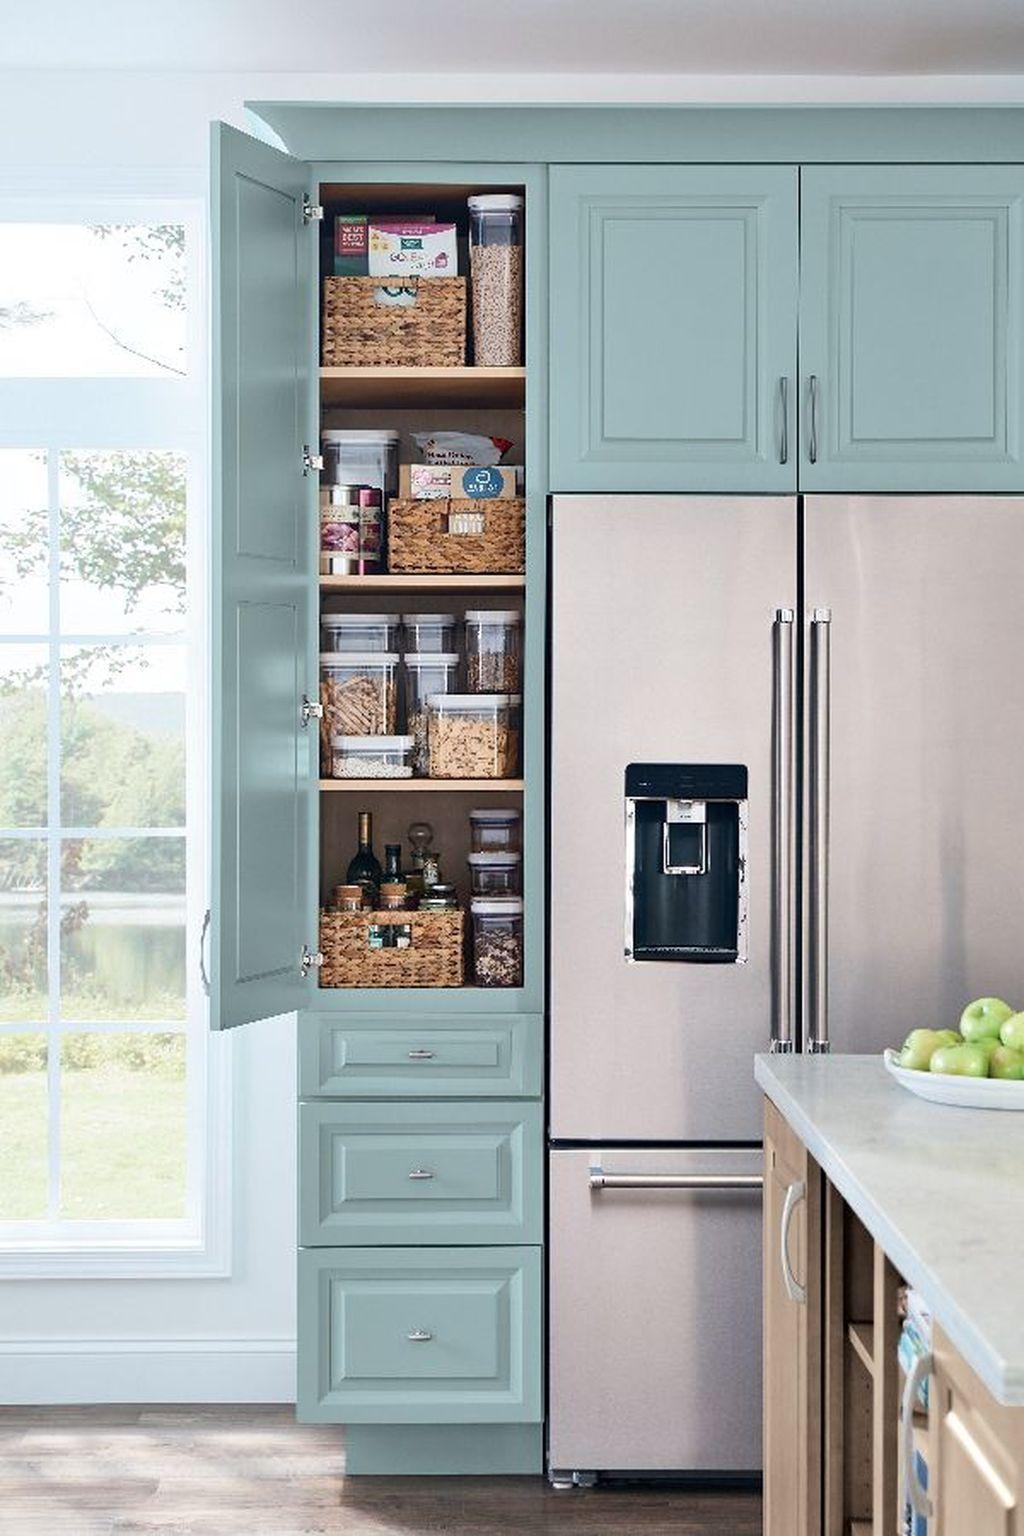 33 Stunning Functional Kitchen Design Ideas #kitchenremodel